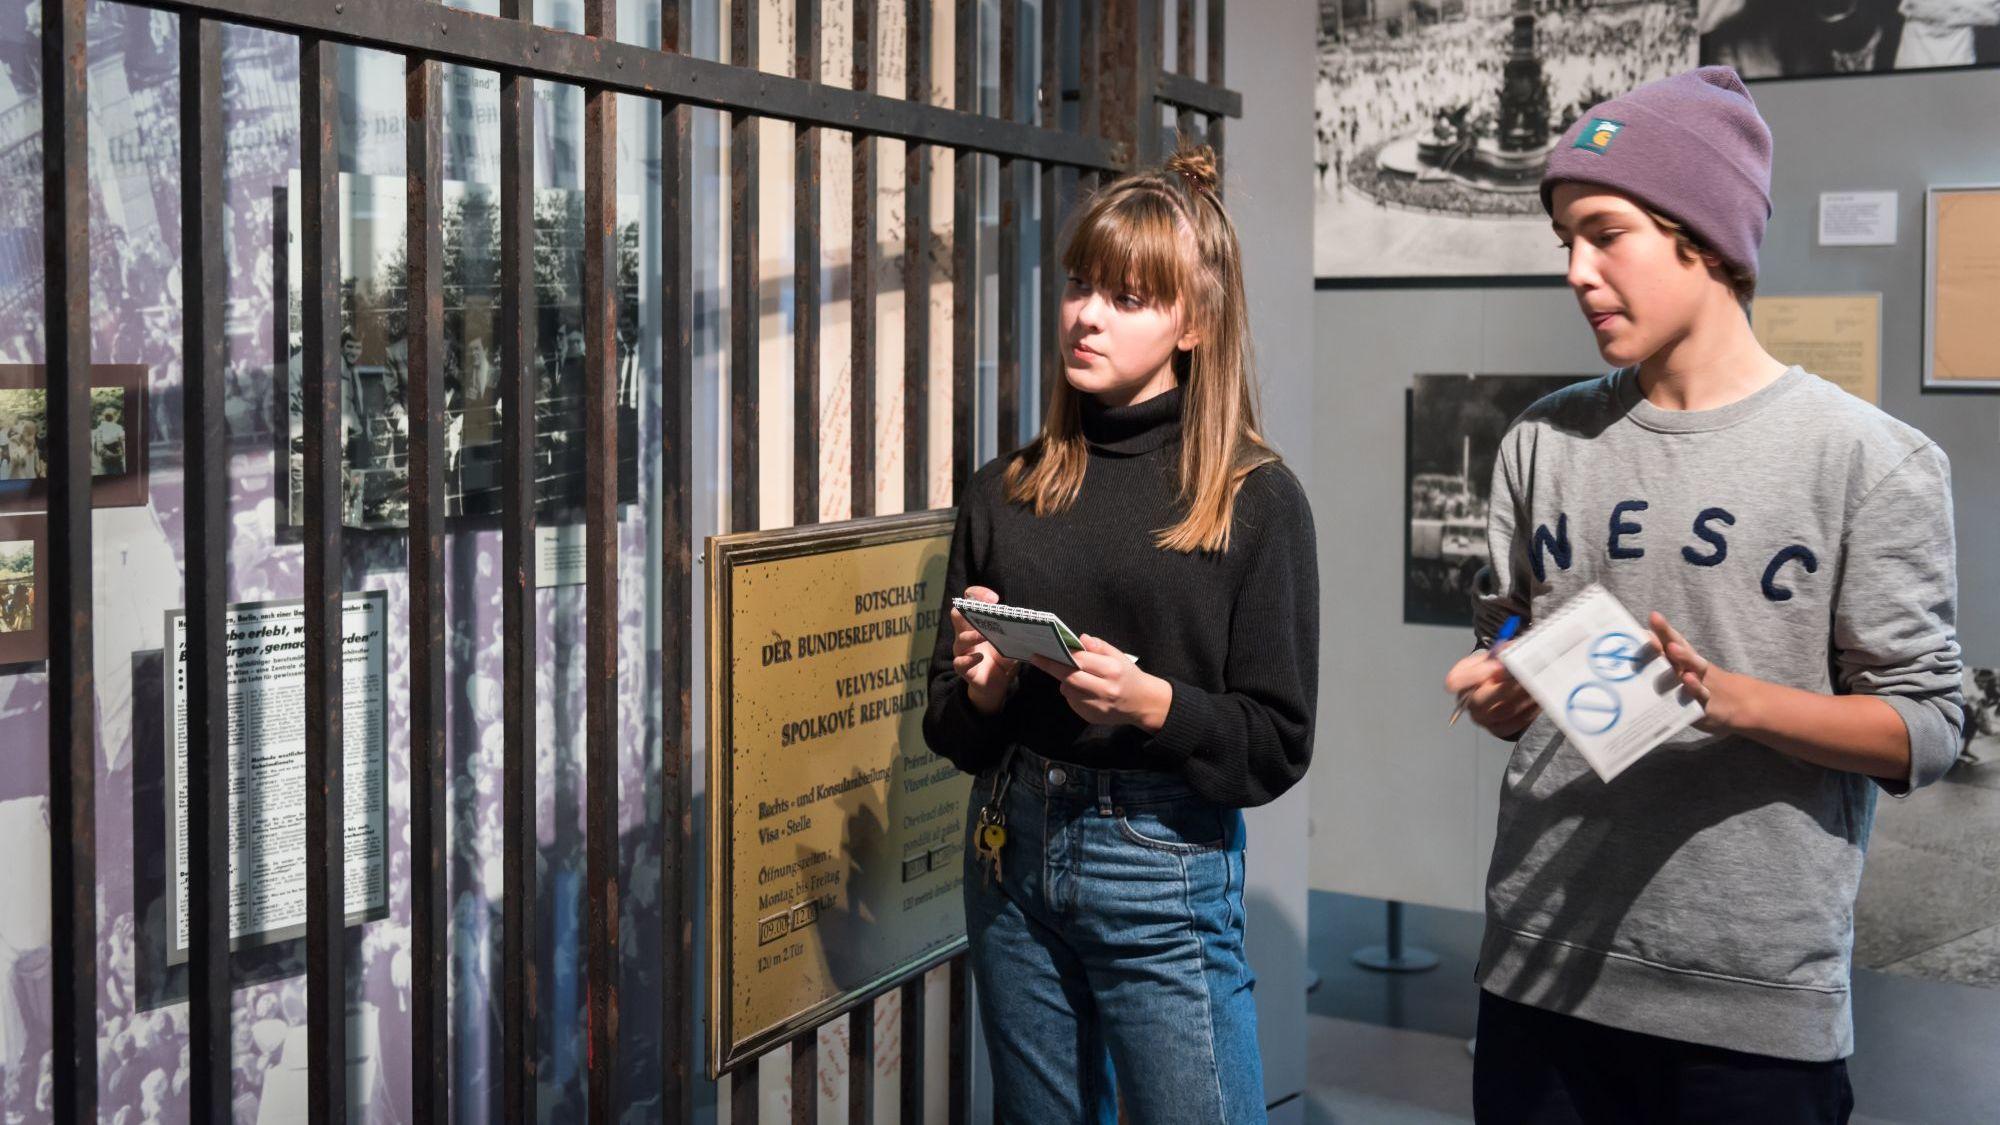 Zwei Jugendliche stehen in der Ausstellung neben einem Tor an dem ein Schild hängt Botschaft der Bundesrepublik Deutschland